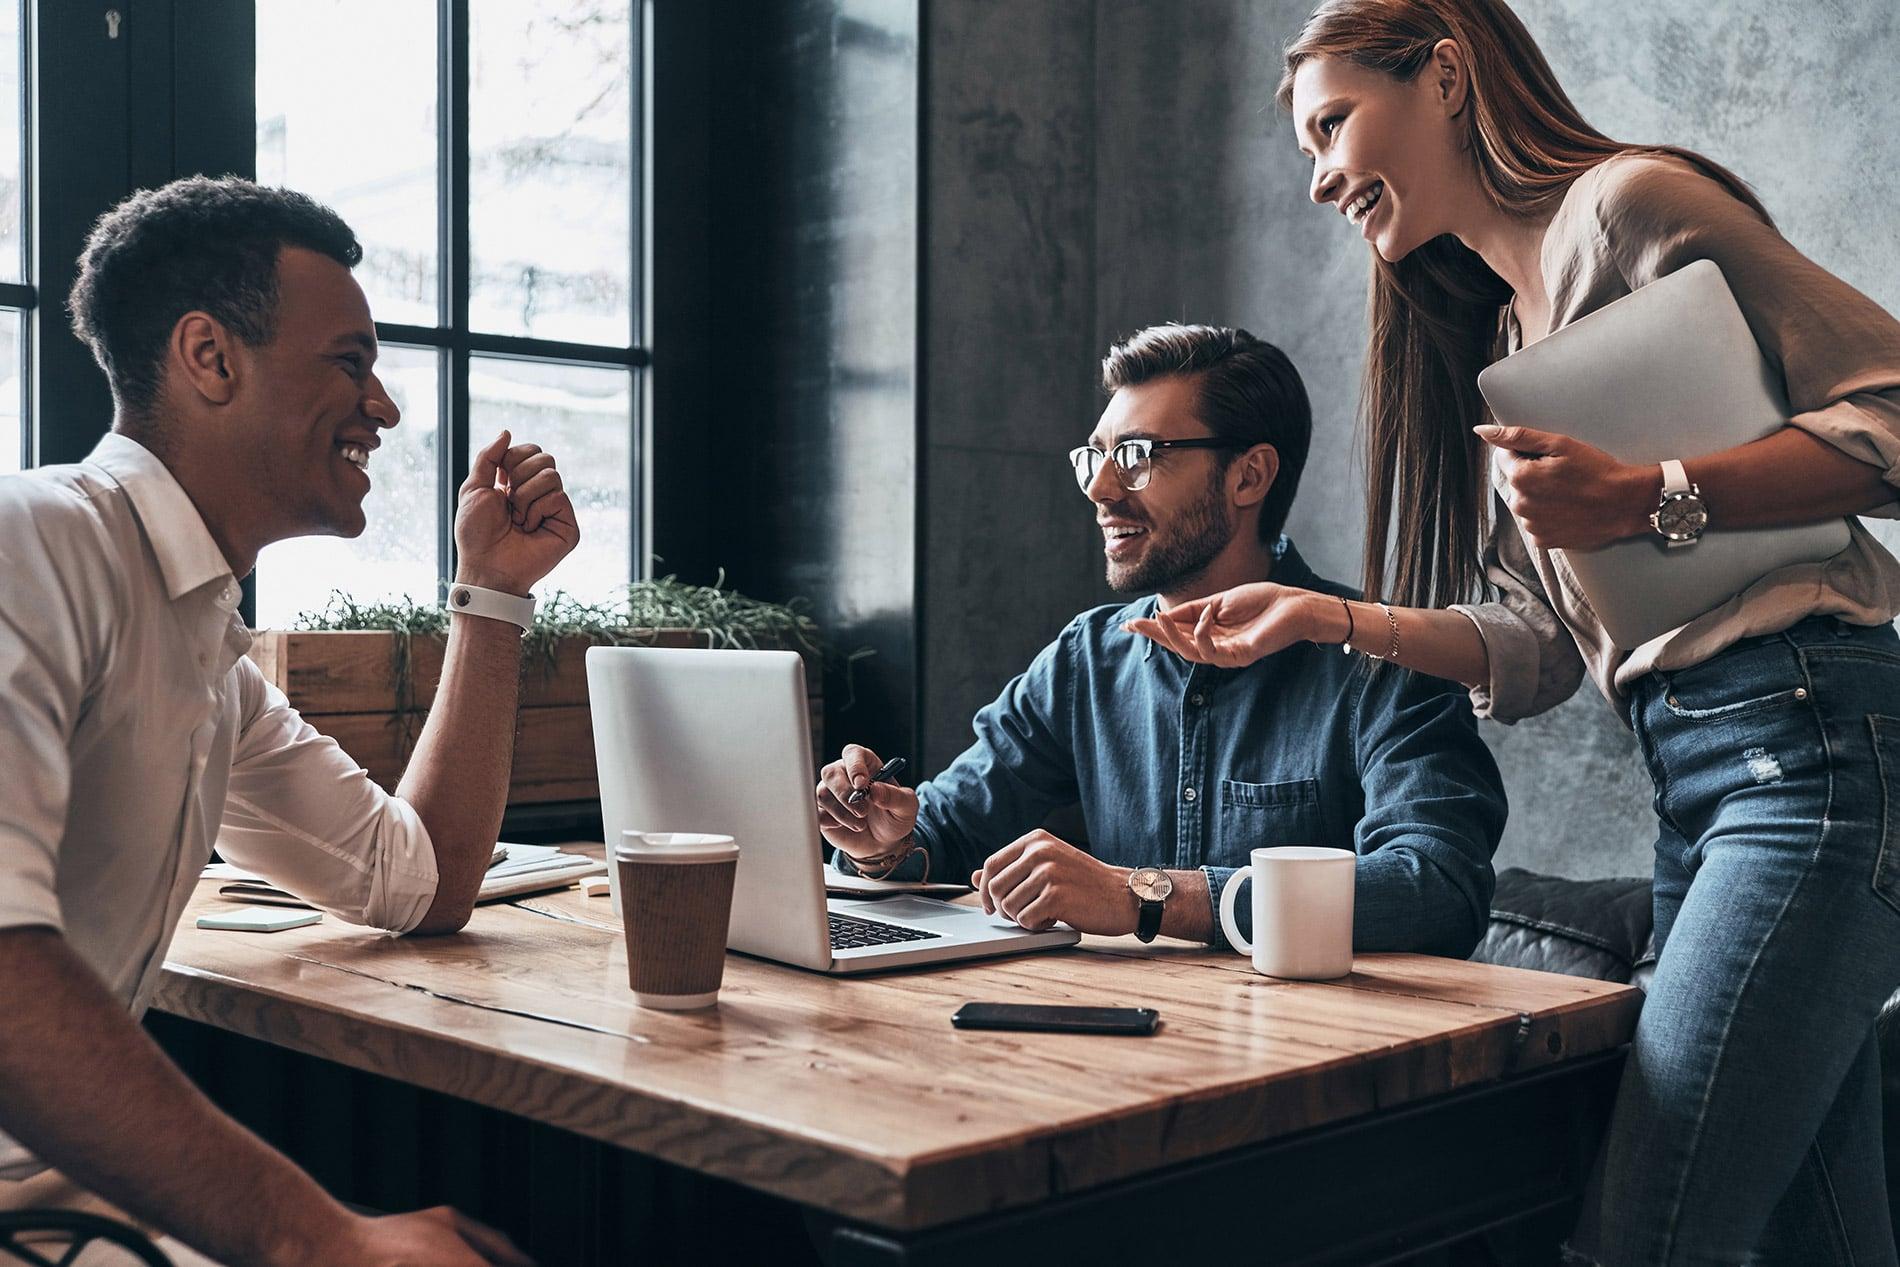 Deux hommes et une femme discutant de travail sur un bureau en bois -